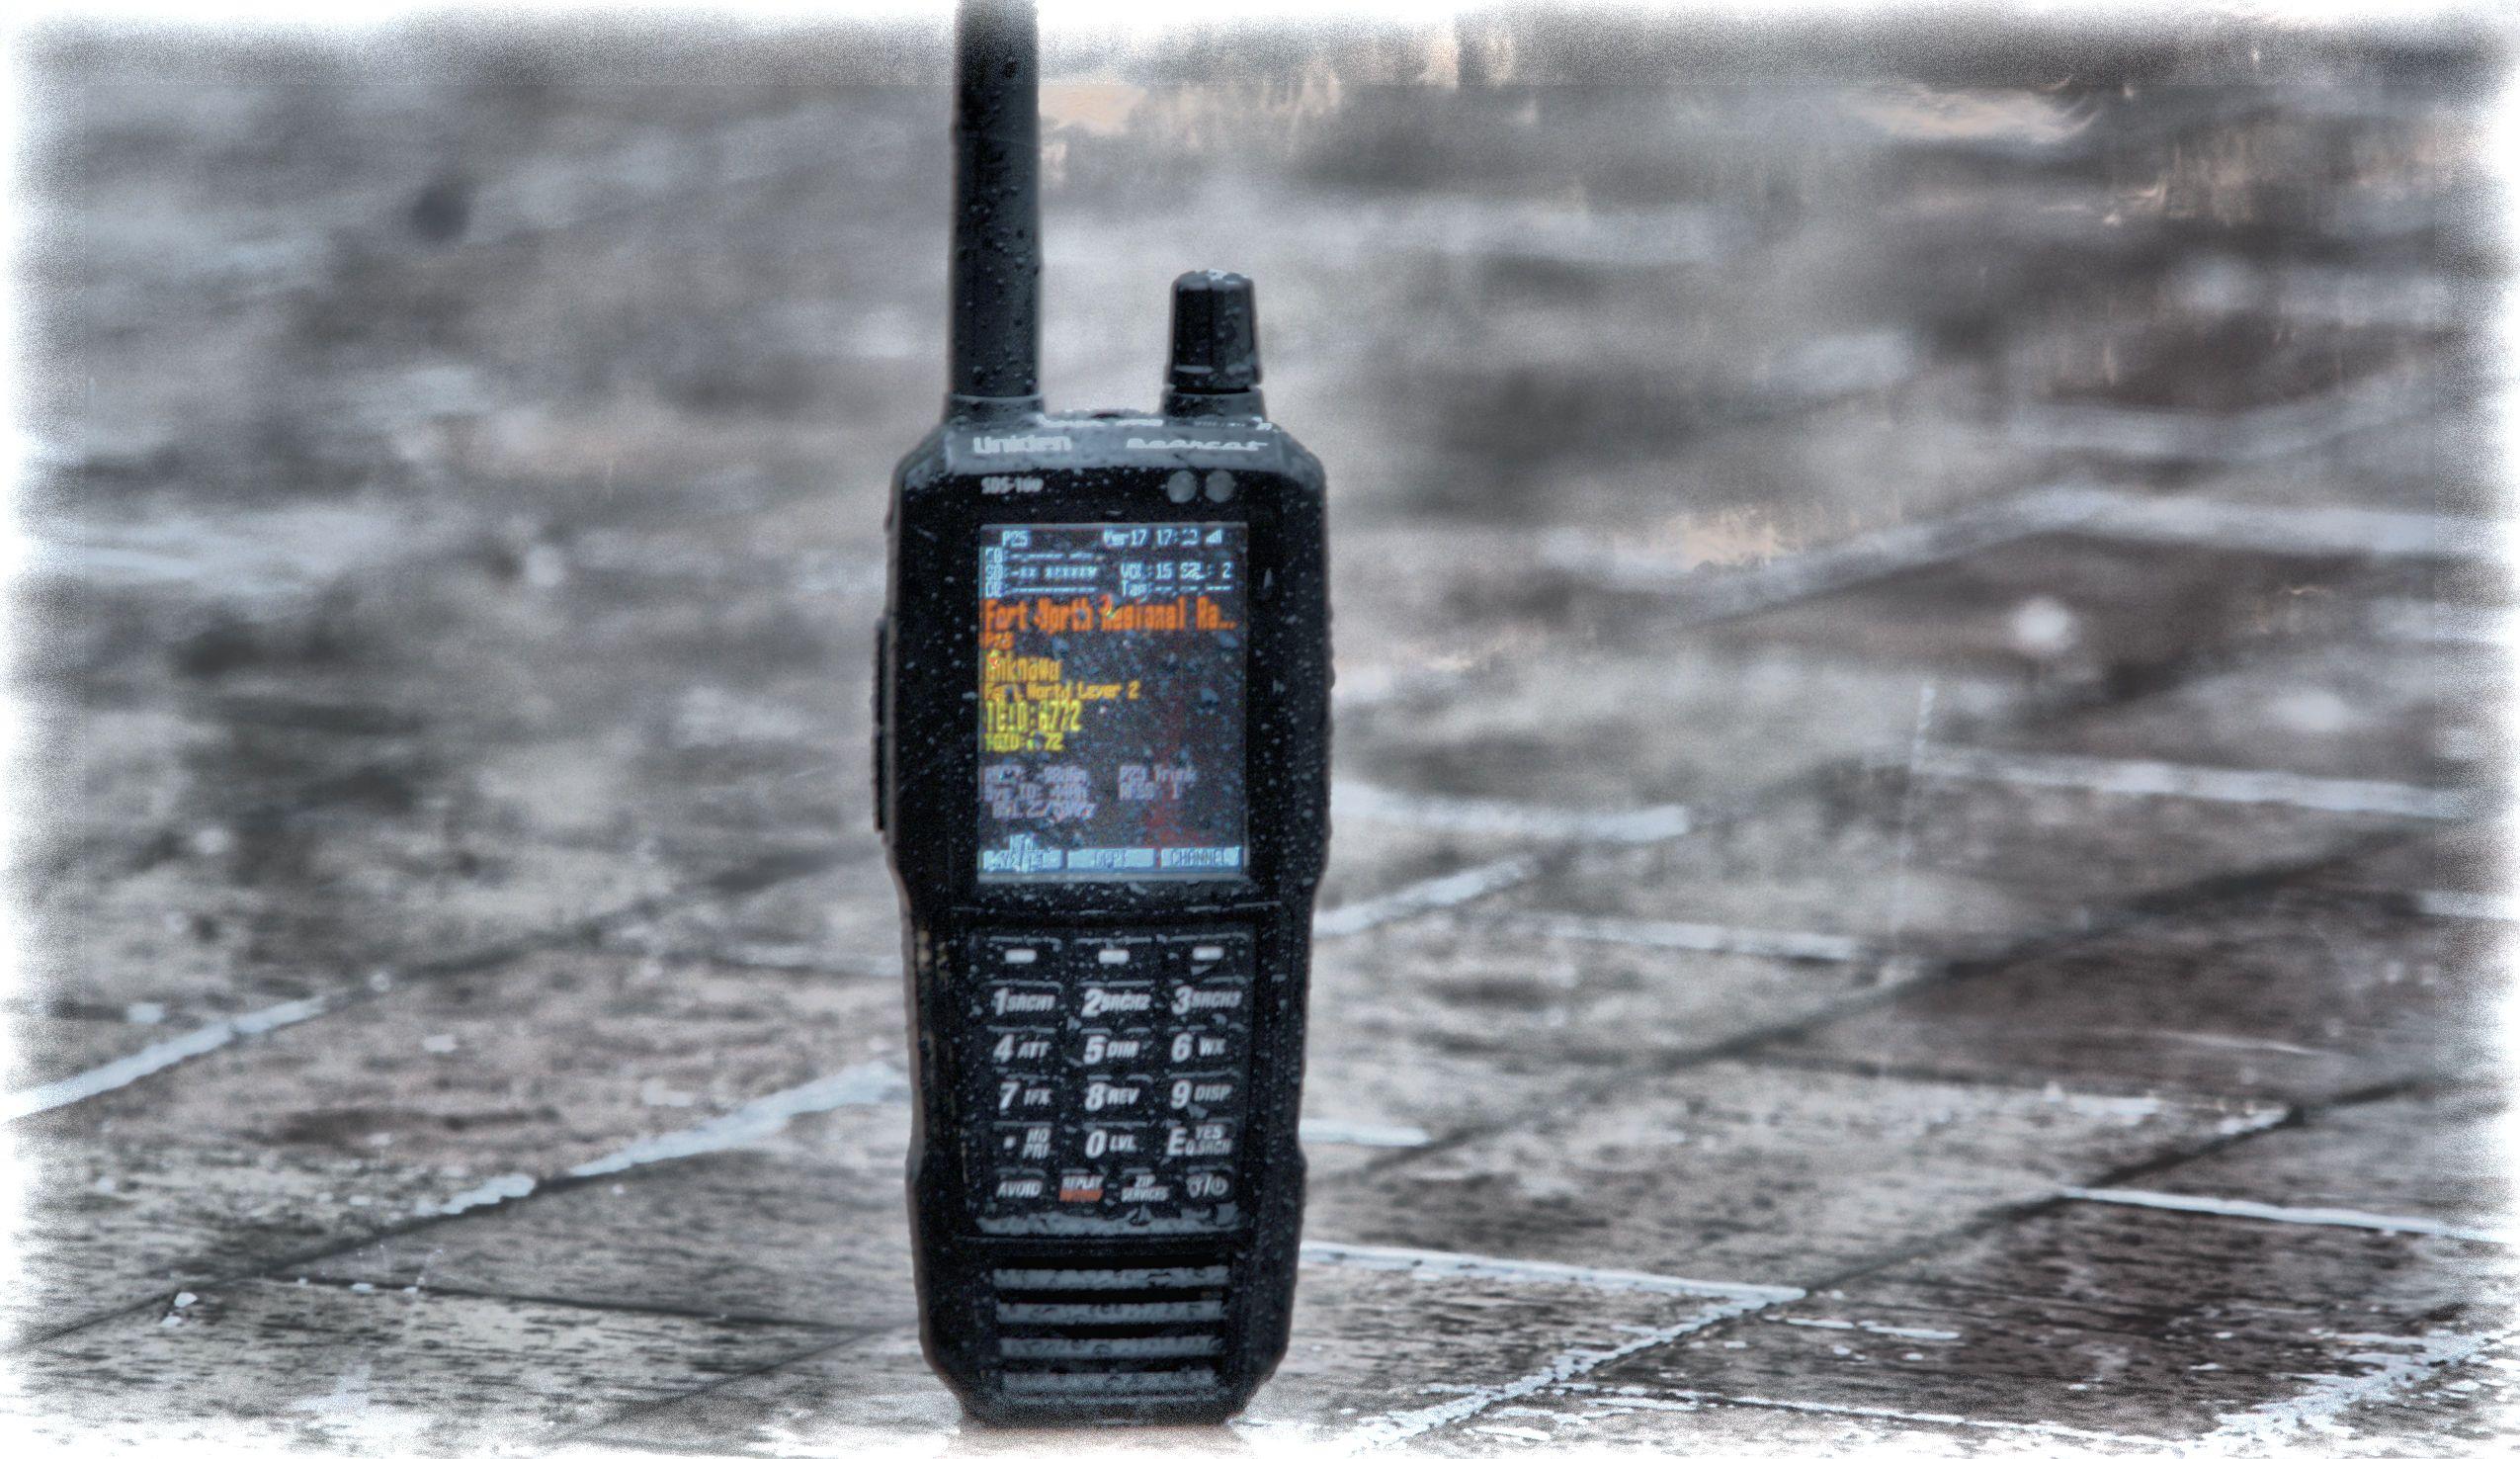 Sds100 Coming Soon Uniden Ham Radio Pinterest Marine Wiring Diagram